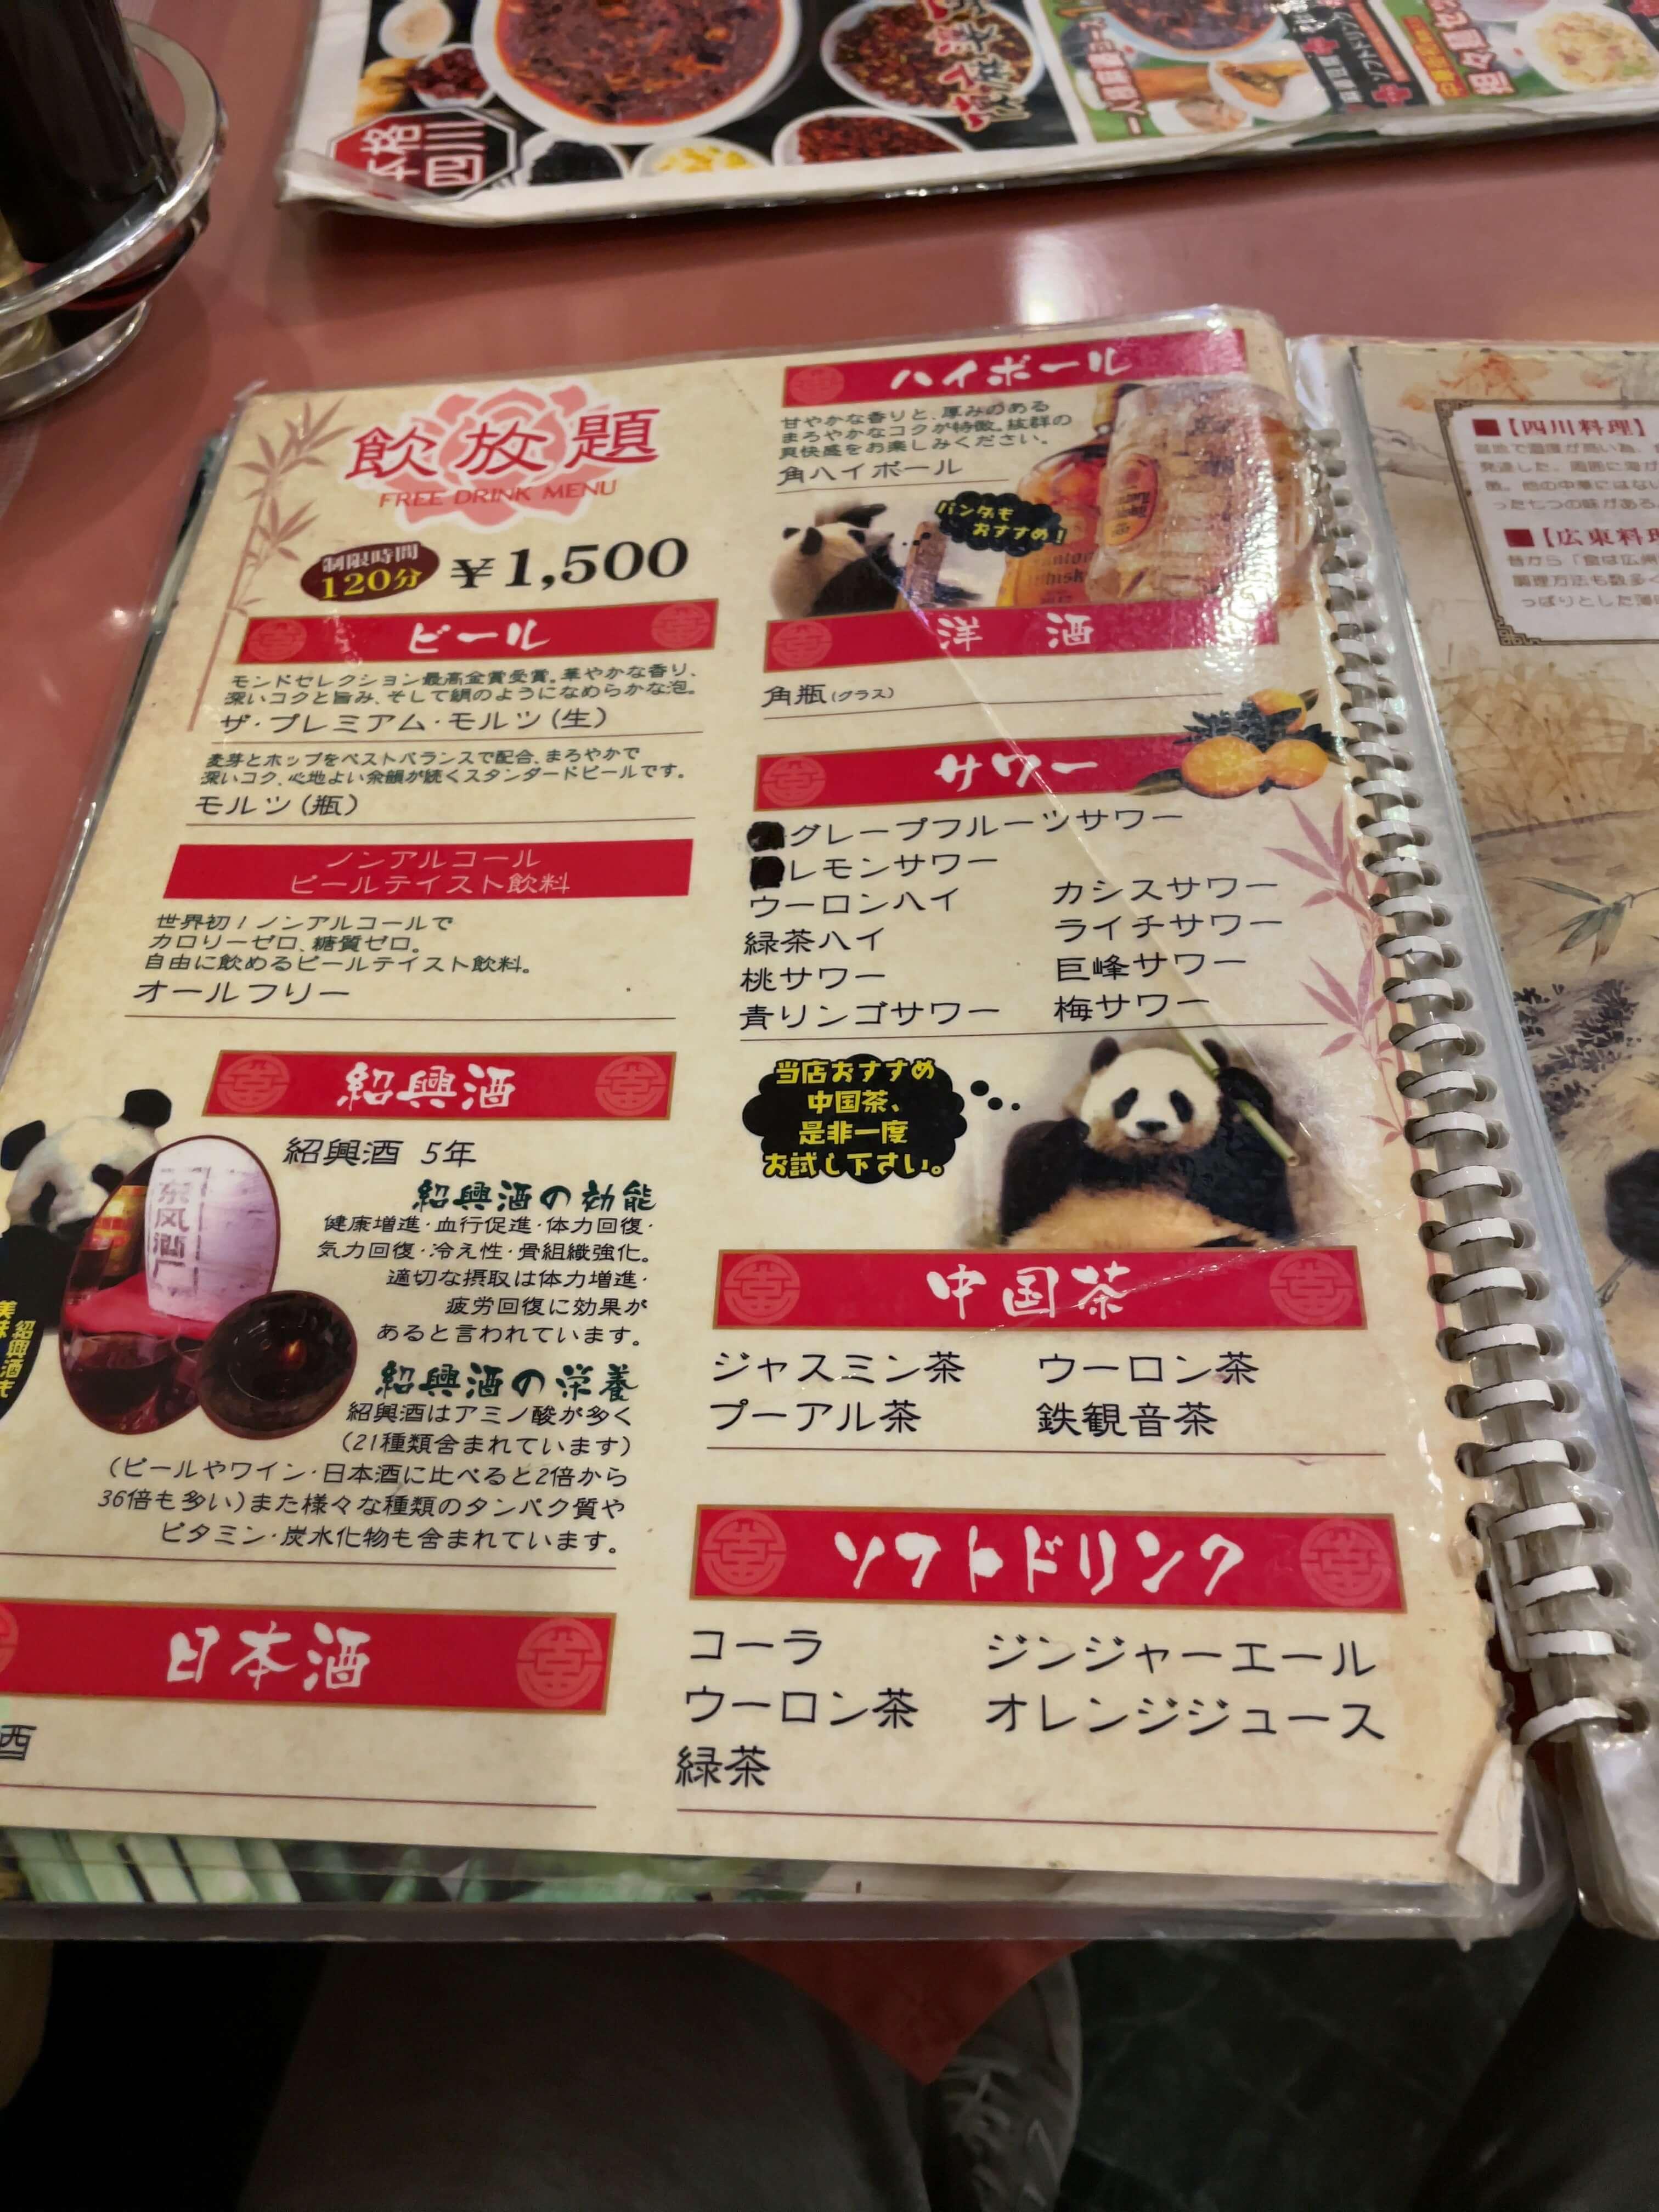 熊猫飯店 2020.12.29